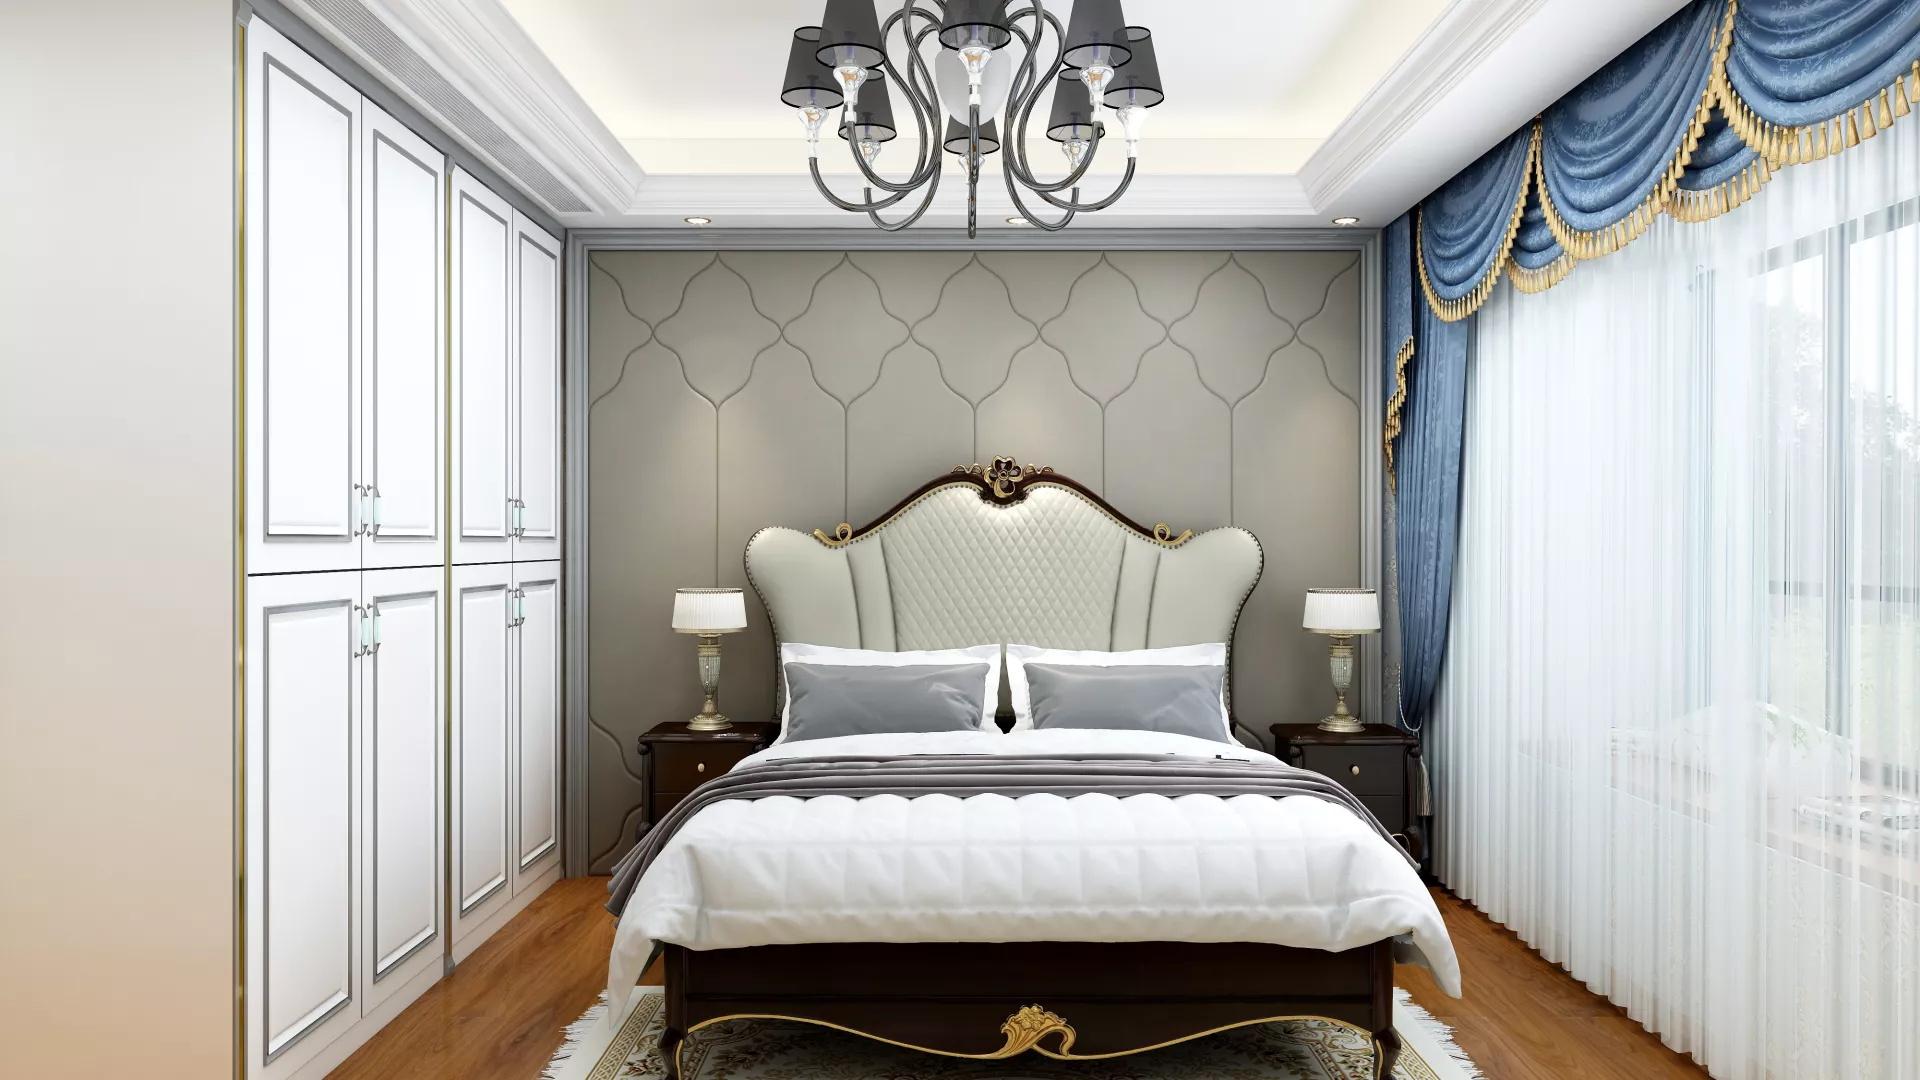 欧式风格温馨浪漫卧室床装修效果图